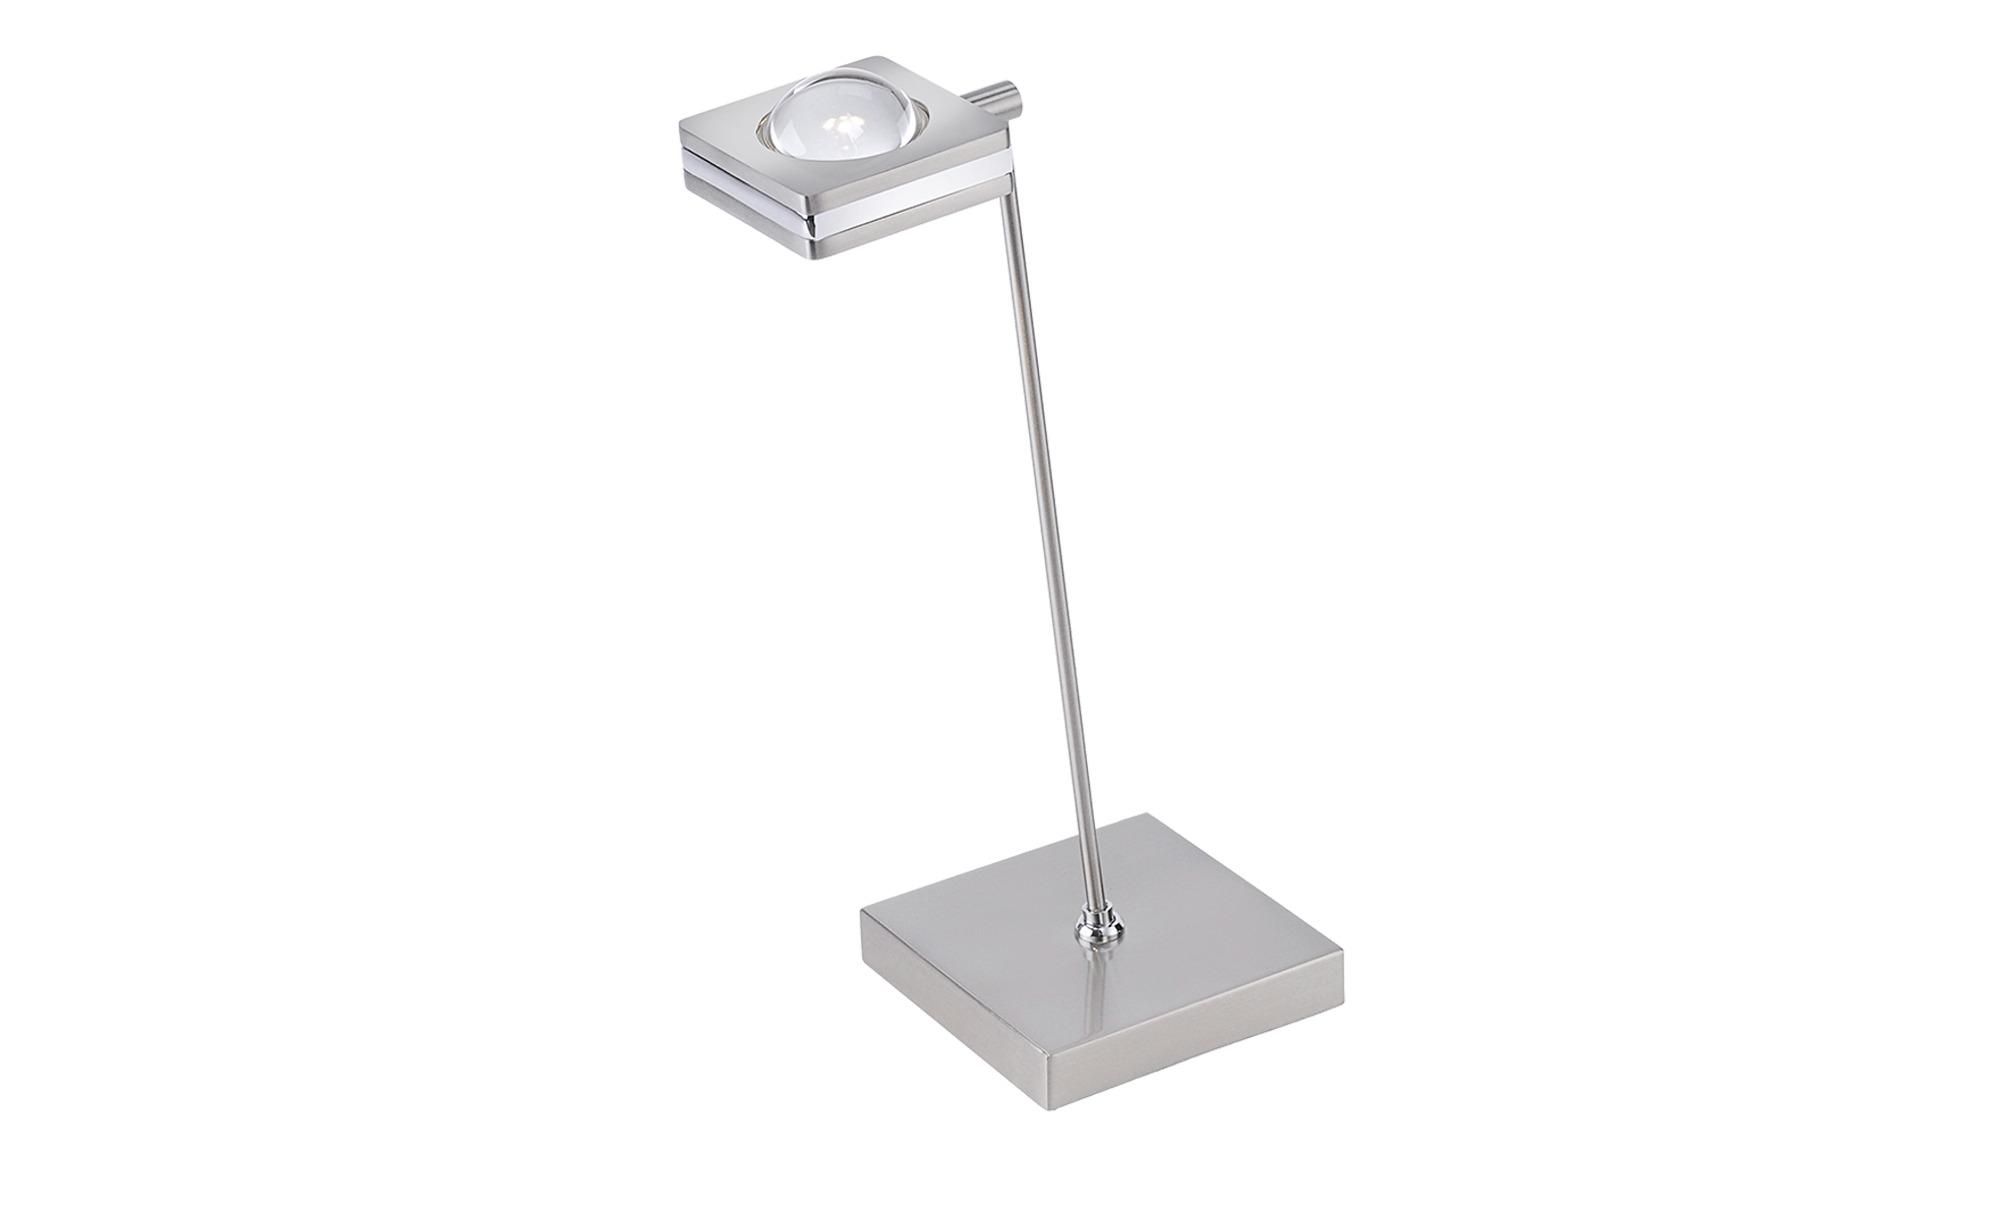 Q-Smart Home Lights Tischleuchte, 1-flammig, nickel matt ¦ silber ¦ Maße (cm): B: 20,5 H: 41 Lampen & Leuchten > Innenleuchten > Tischlampen - Höffner